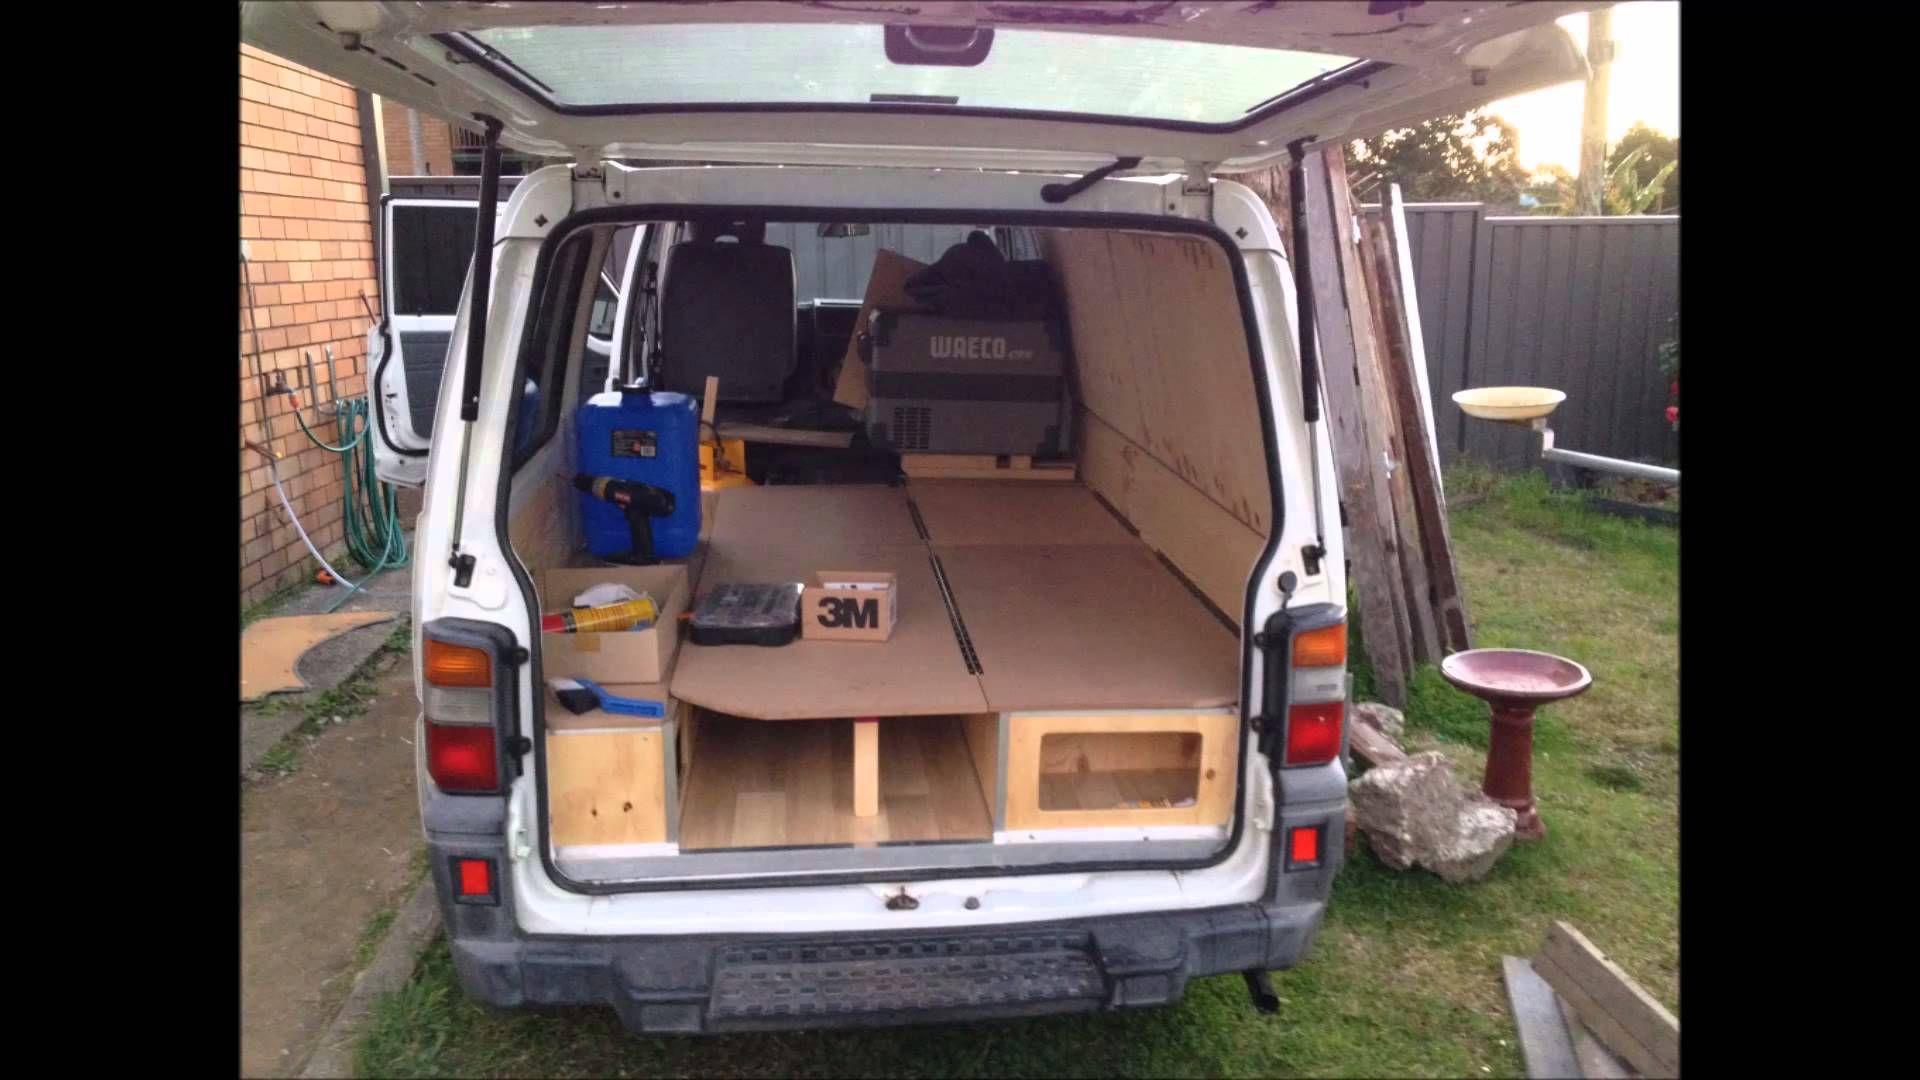 Mitsubishi Express Micro Camper Campervan Conversion Van